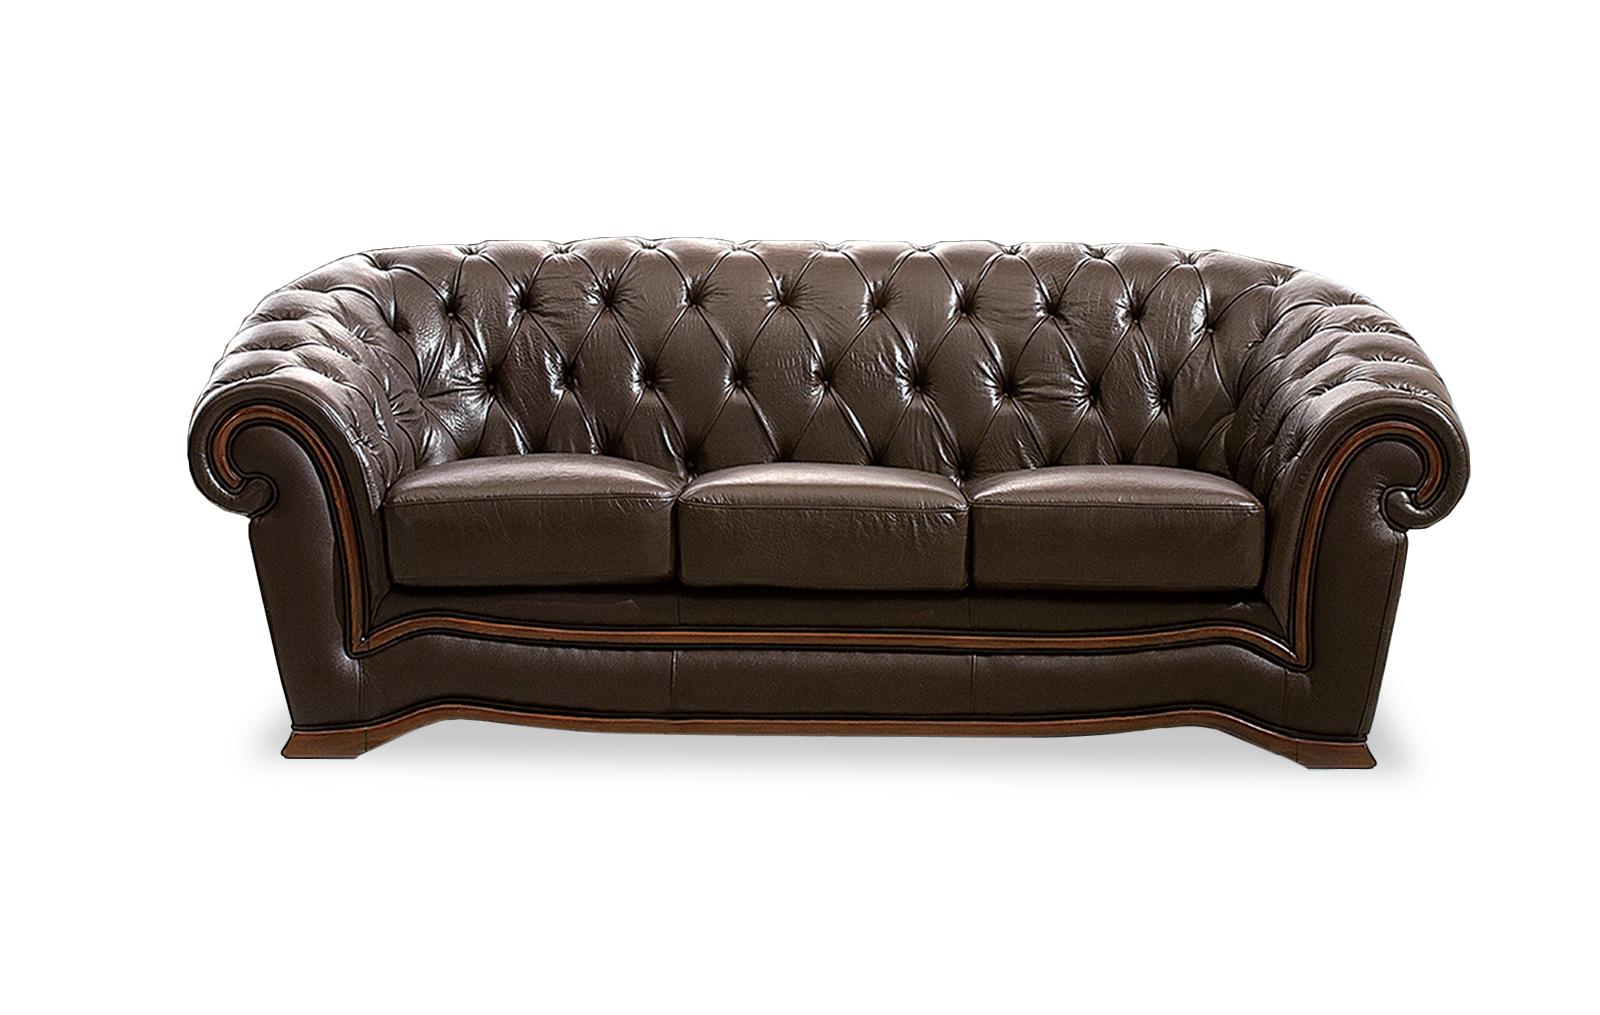 262 full leather sofa beds living room furniture. Black Bedroom Furniture Sets. Home Design Ideas